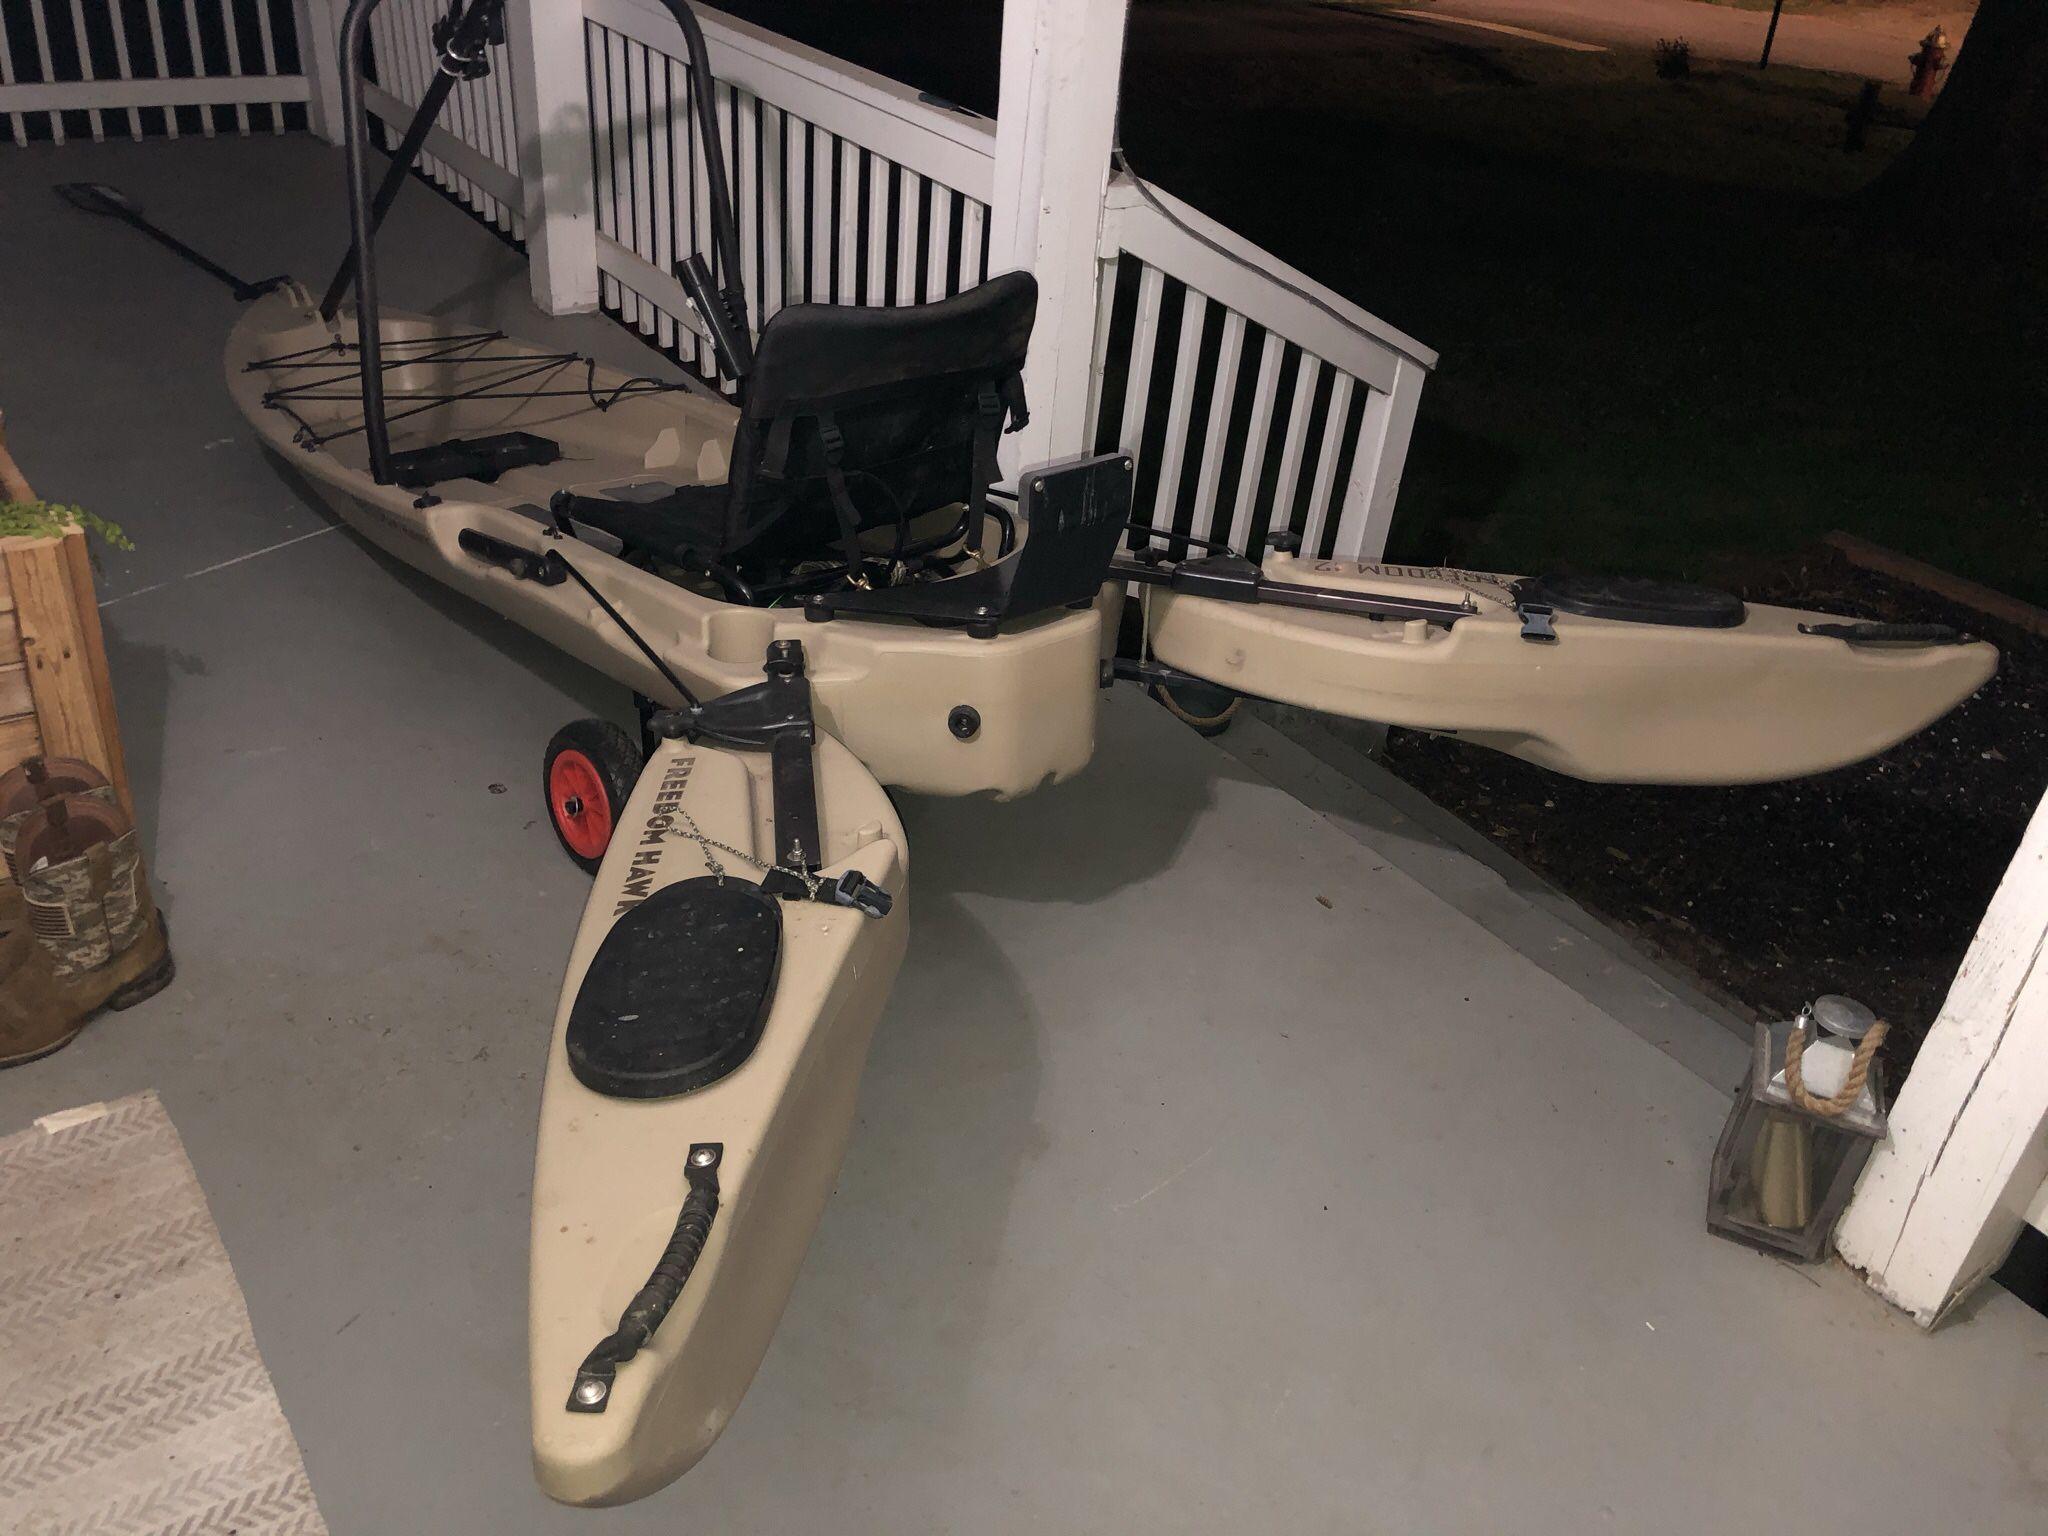 Photo Freedom Hawk 12 Standup Fishing Kayak